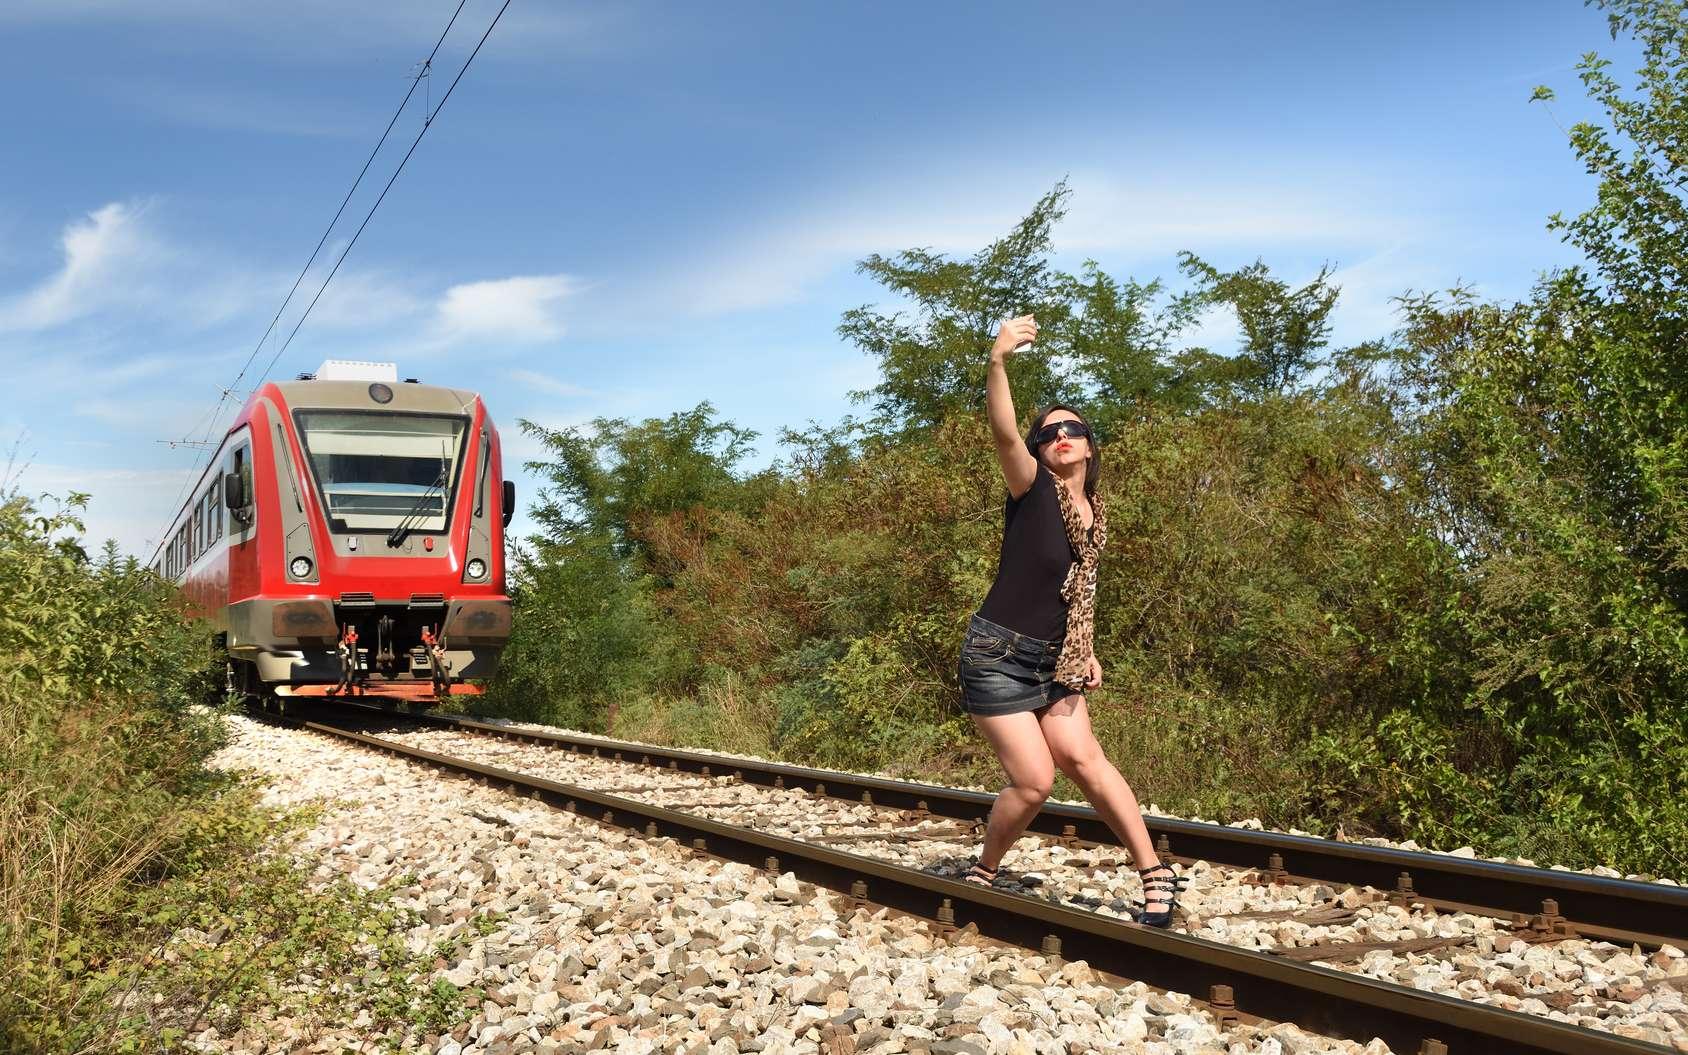 Certains sont prêts à risquer leur vie pour un selfie extrême. © Akiko Nuru, Fotolia